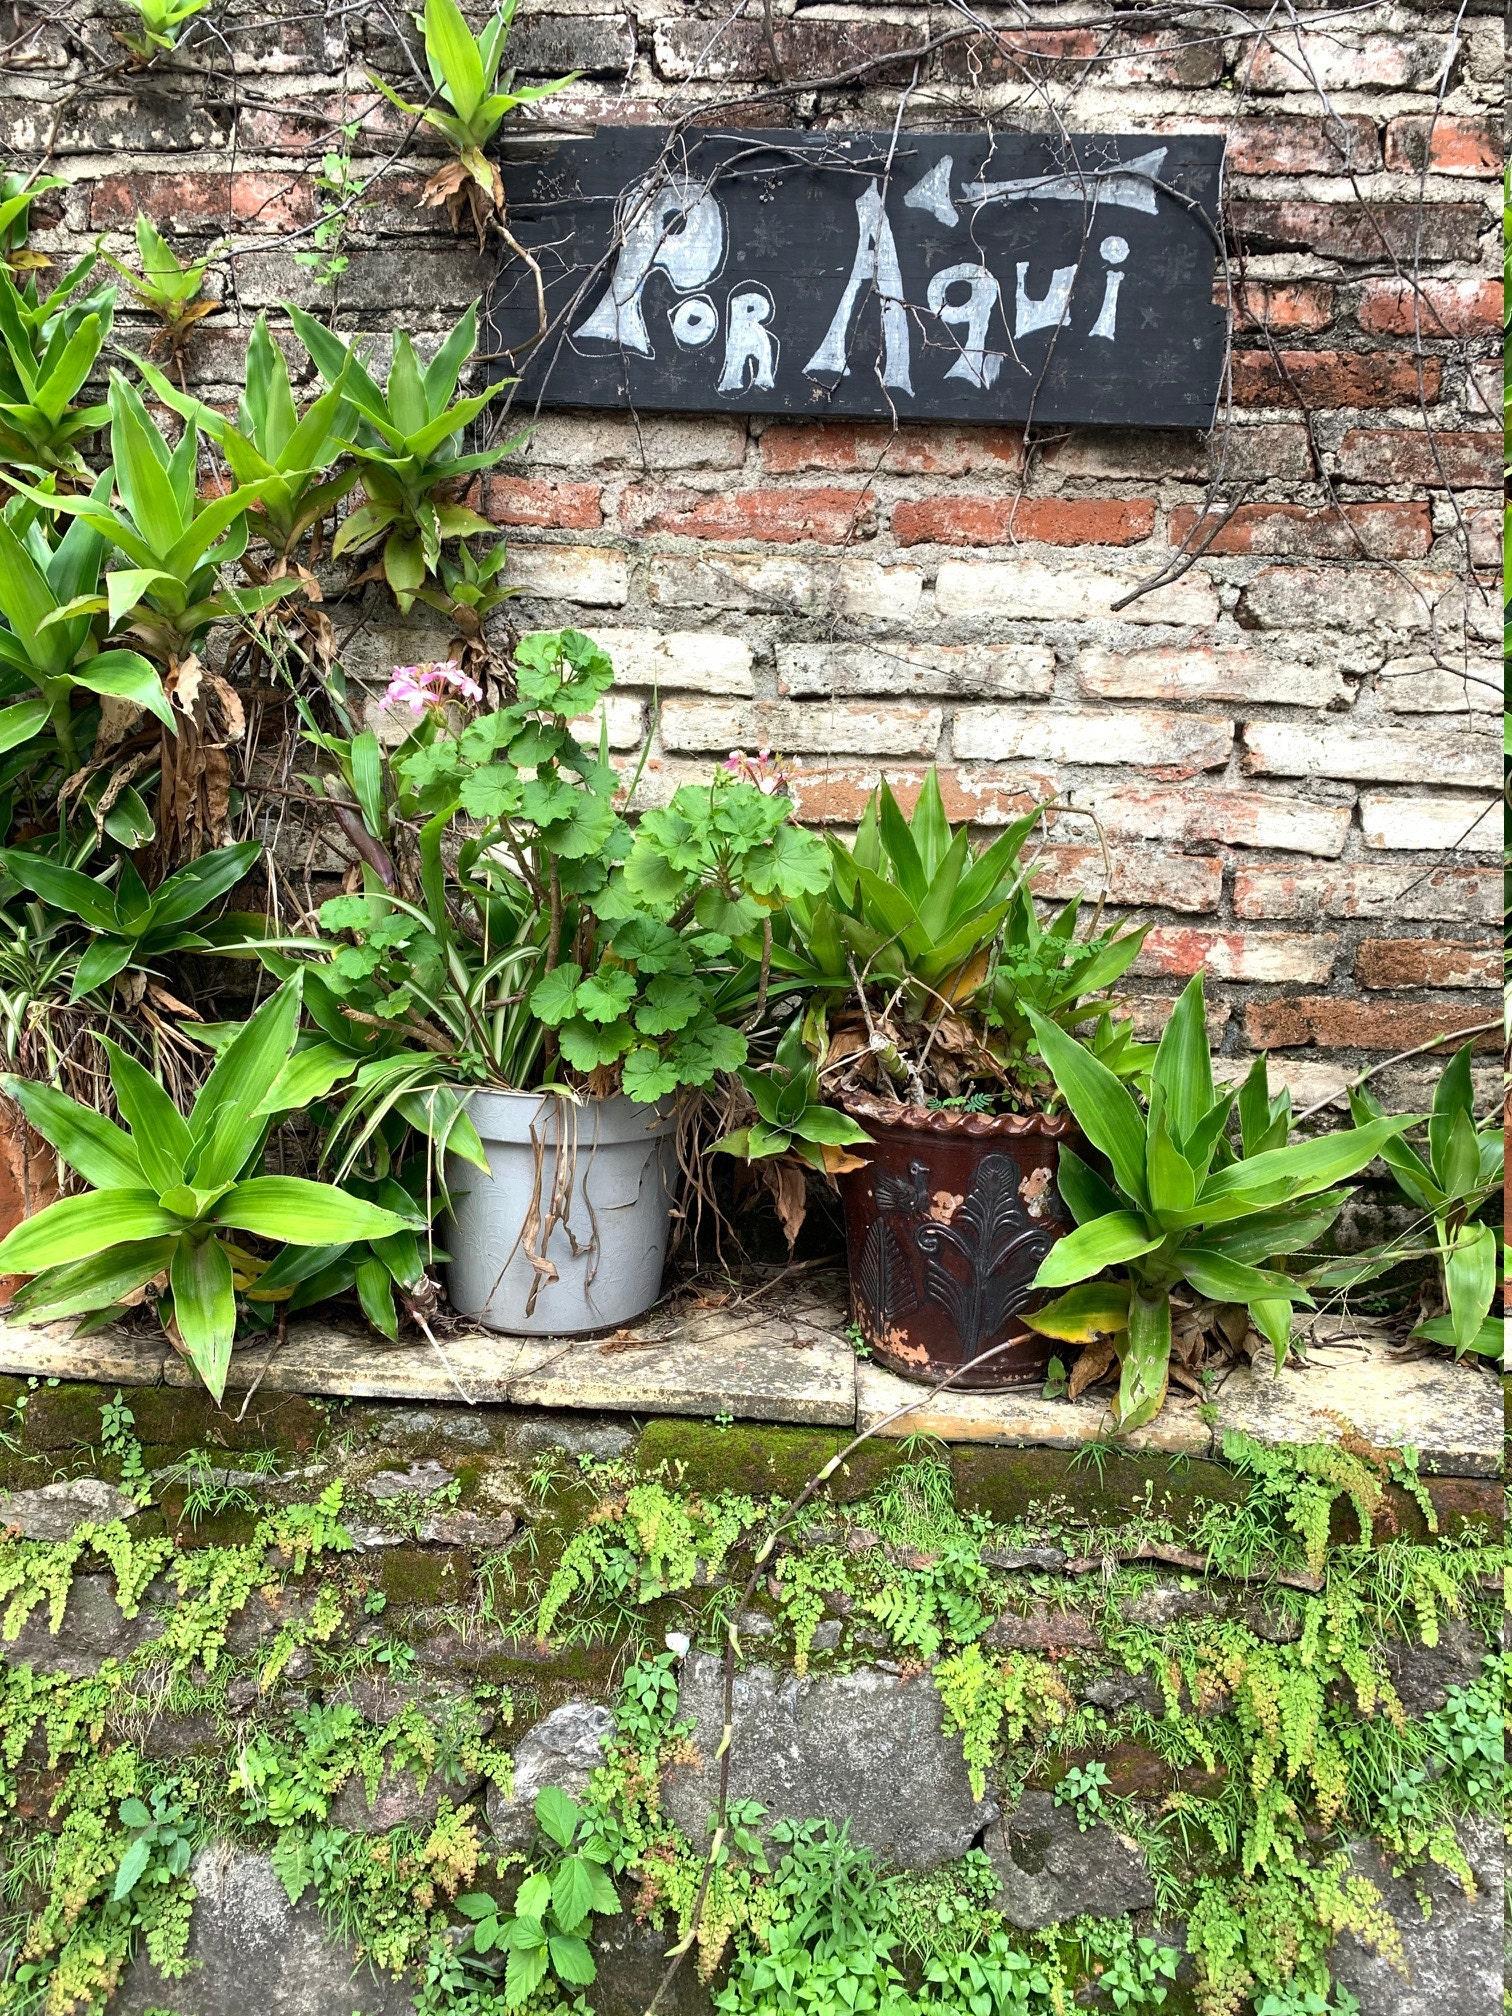 platas flower inspiration México, Mexican gardens, Mexico jewelr, Mexico silver, taxco